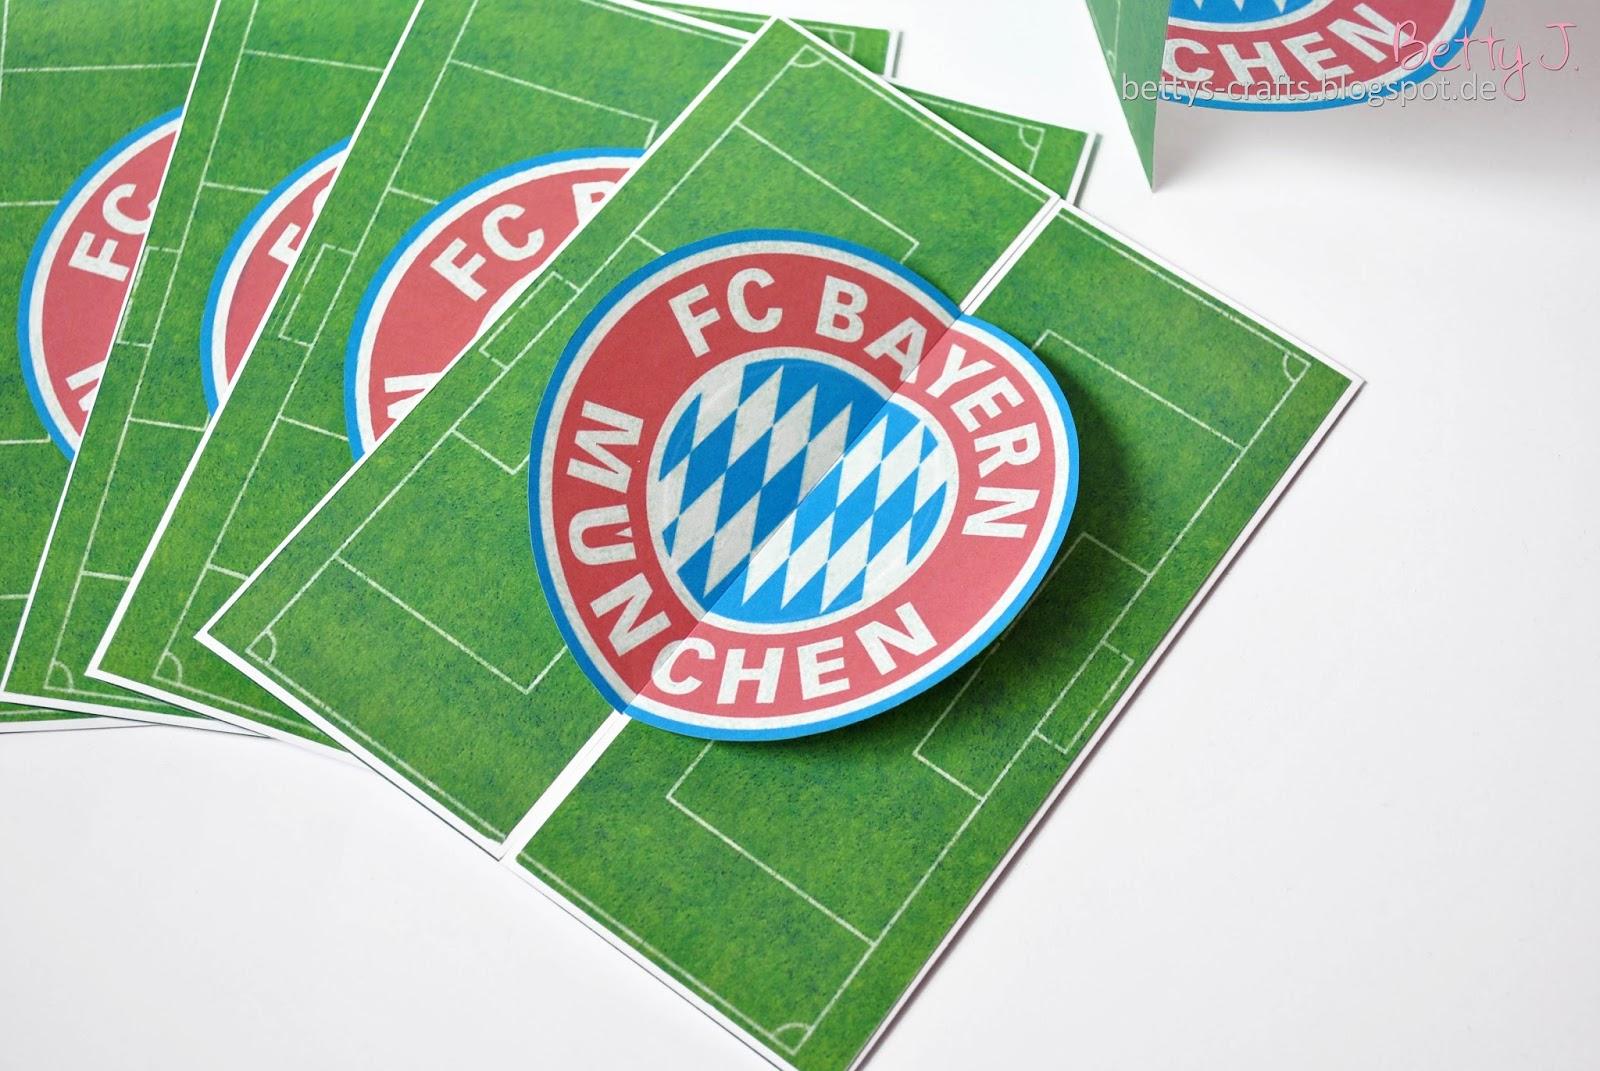 Bettys Crafts: Bayern München Geburtstagseinladung, Kreative Einladungen